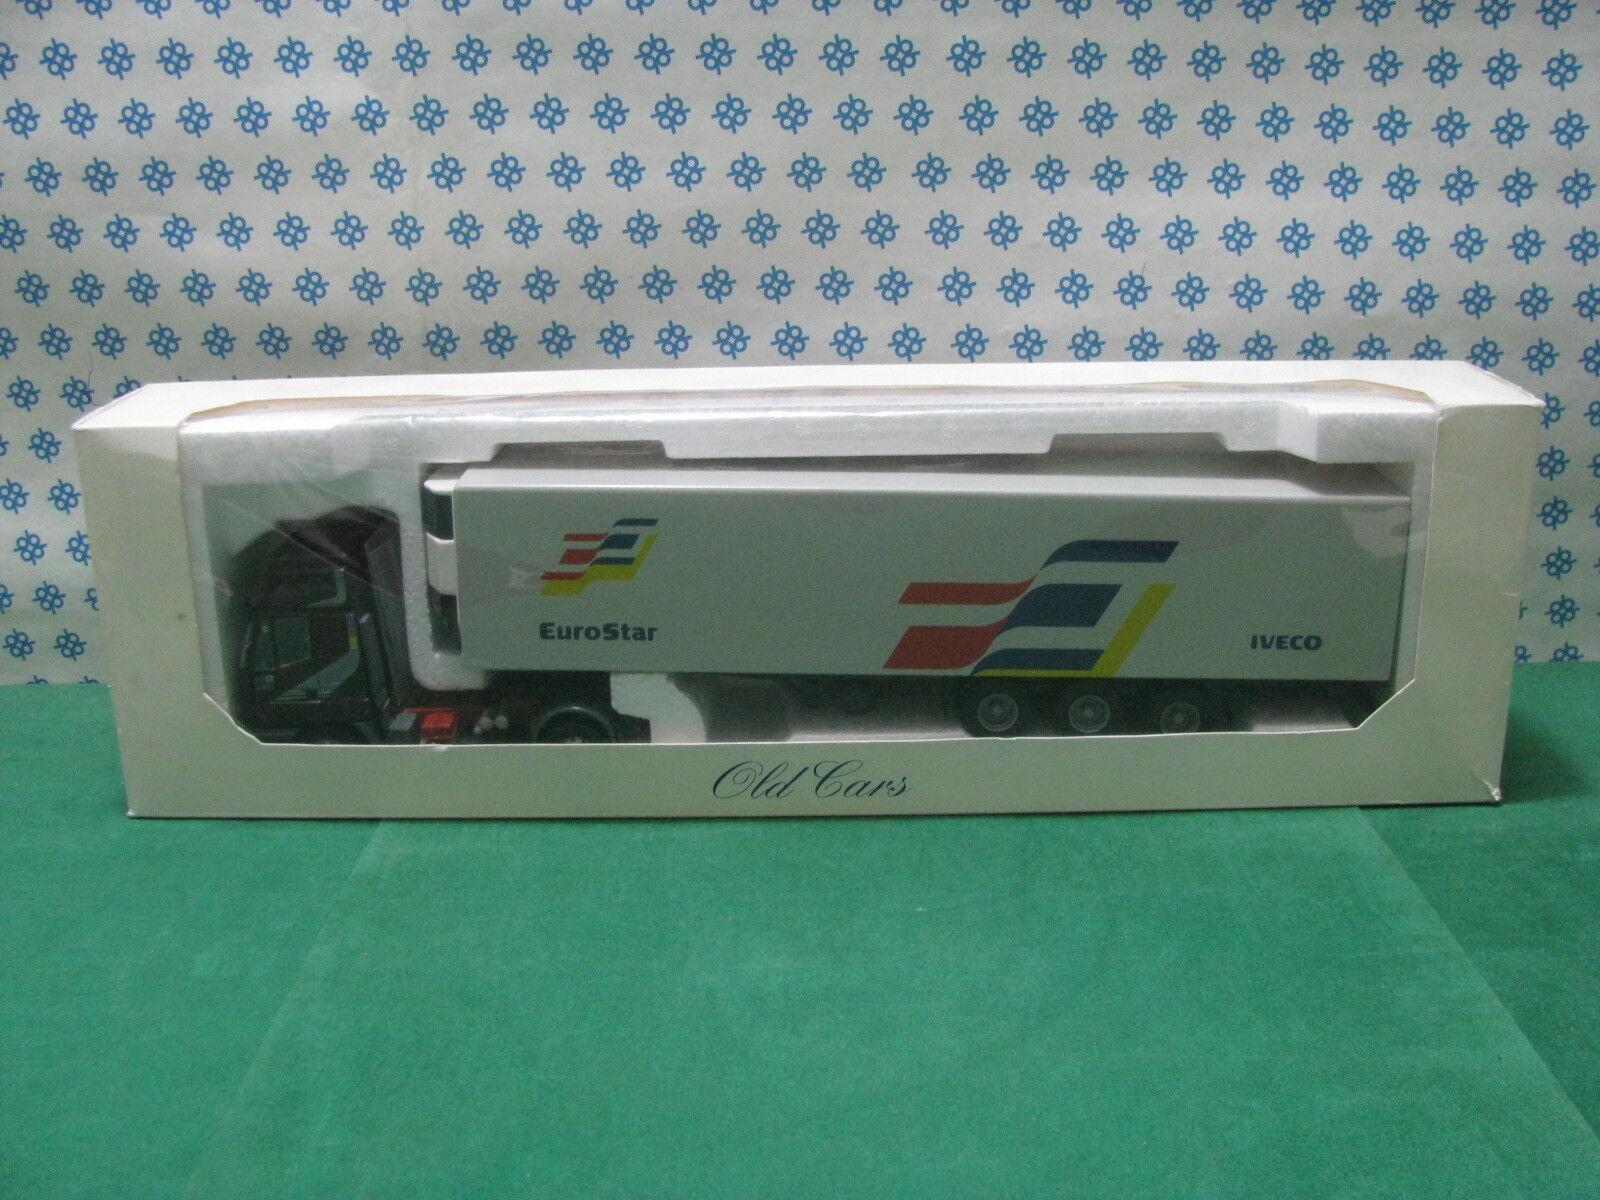 FIAT IVECO EUROSTAR bilico bilico bilico Frigo  1/43 Old Cars 1992 Promozionale | Stocker  8828d4